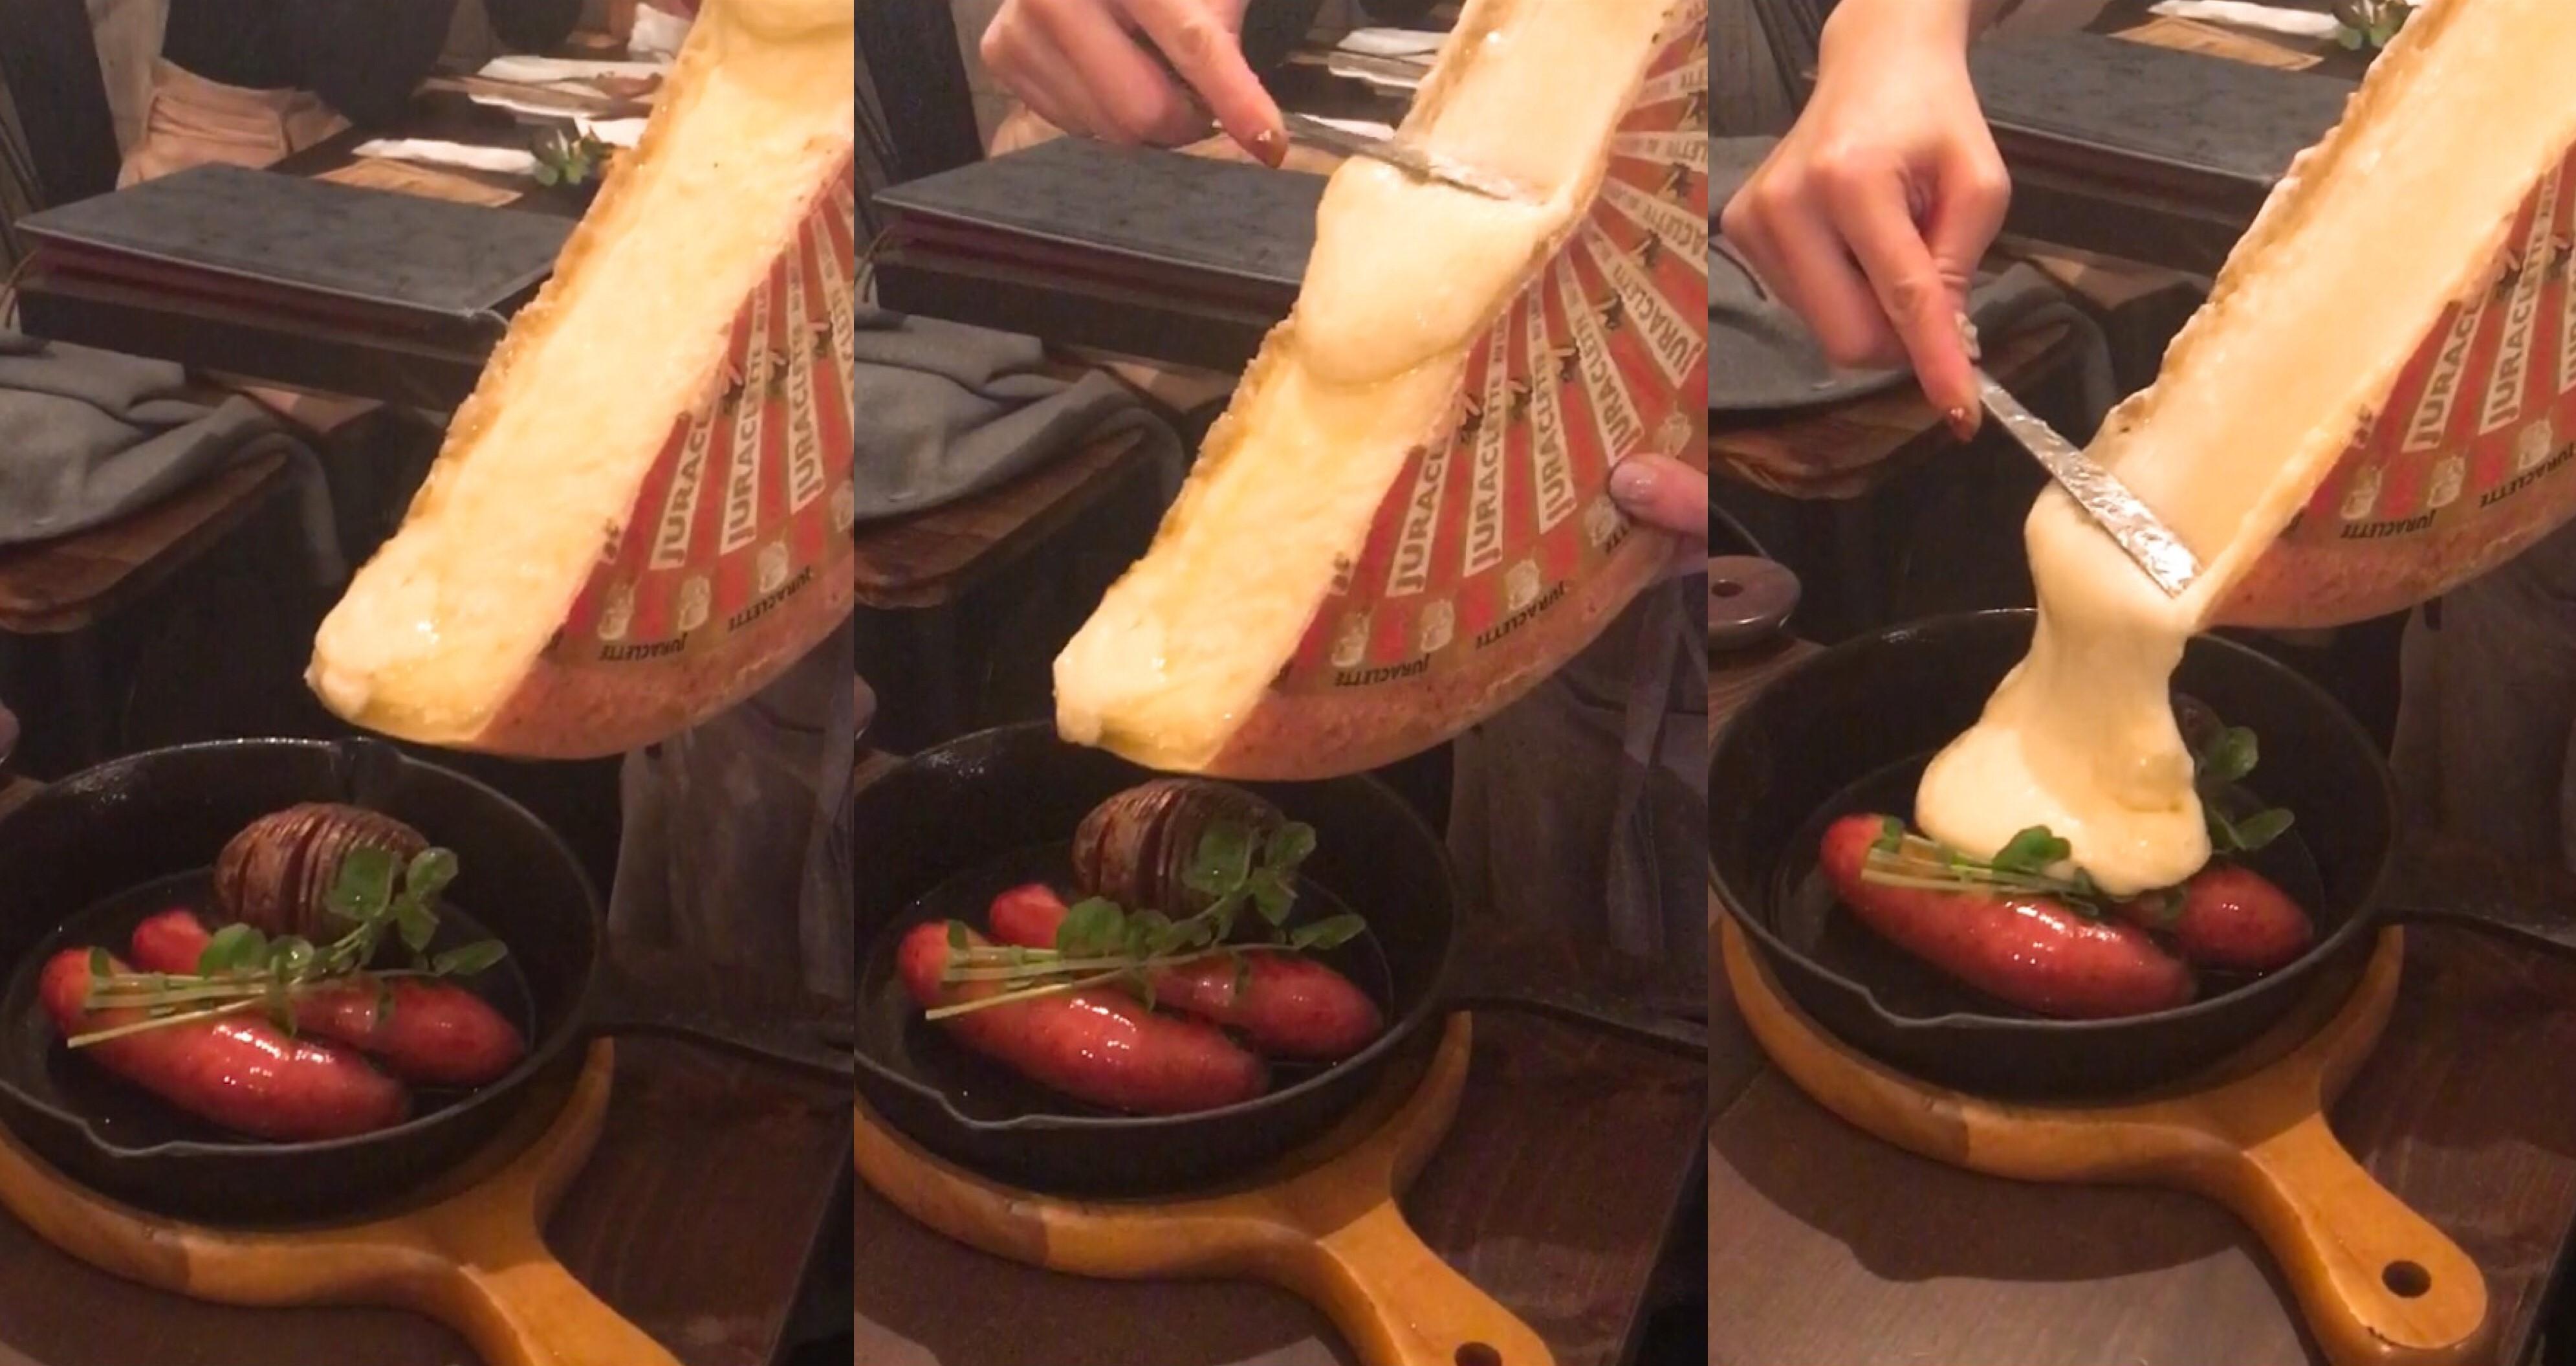 【渋谷】チーズチーズカフェのとろとろチーズ料理はやみつき!頼んだメニュー・感想をお届けします☆